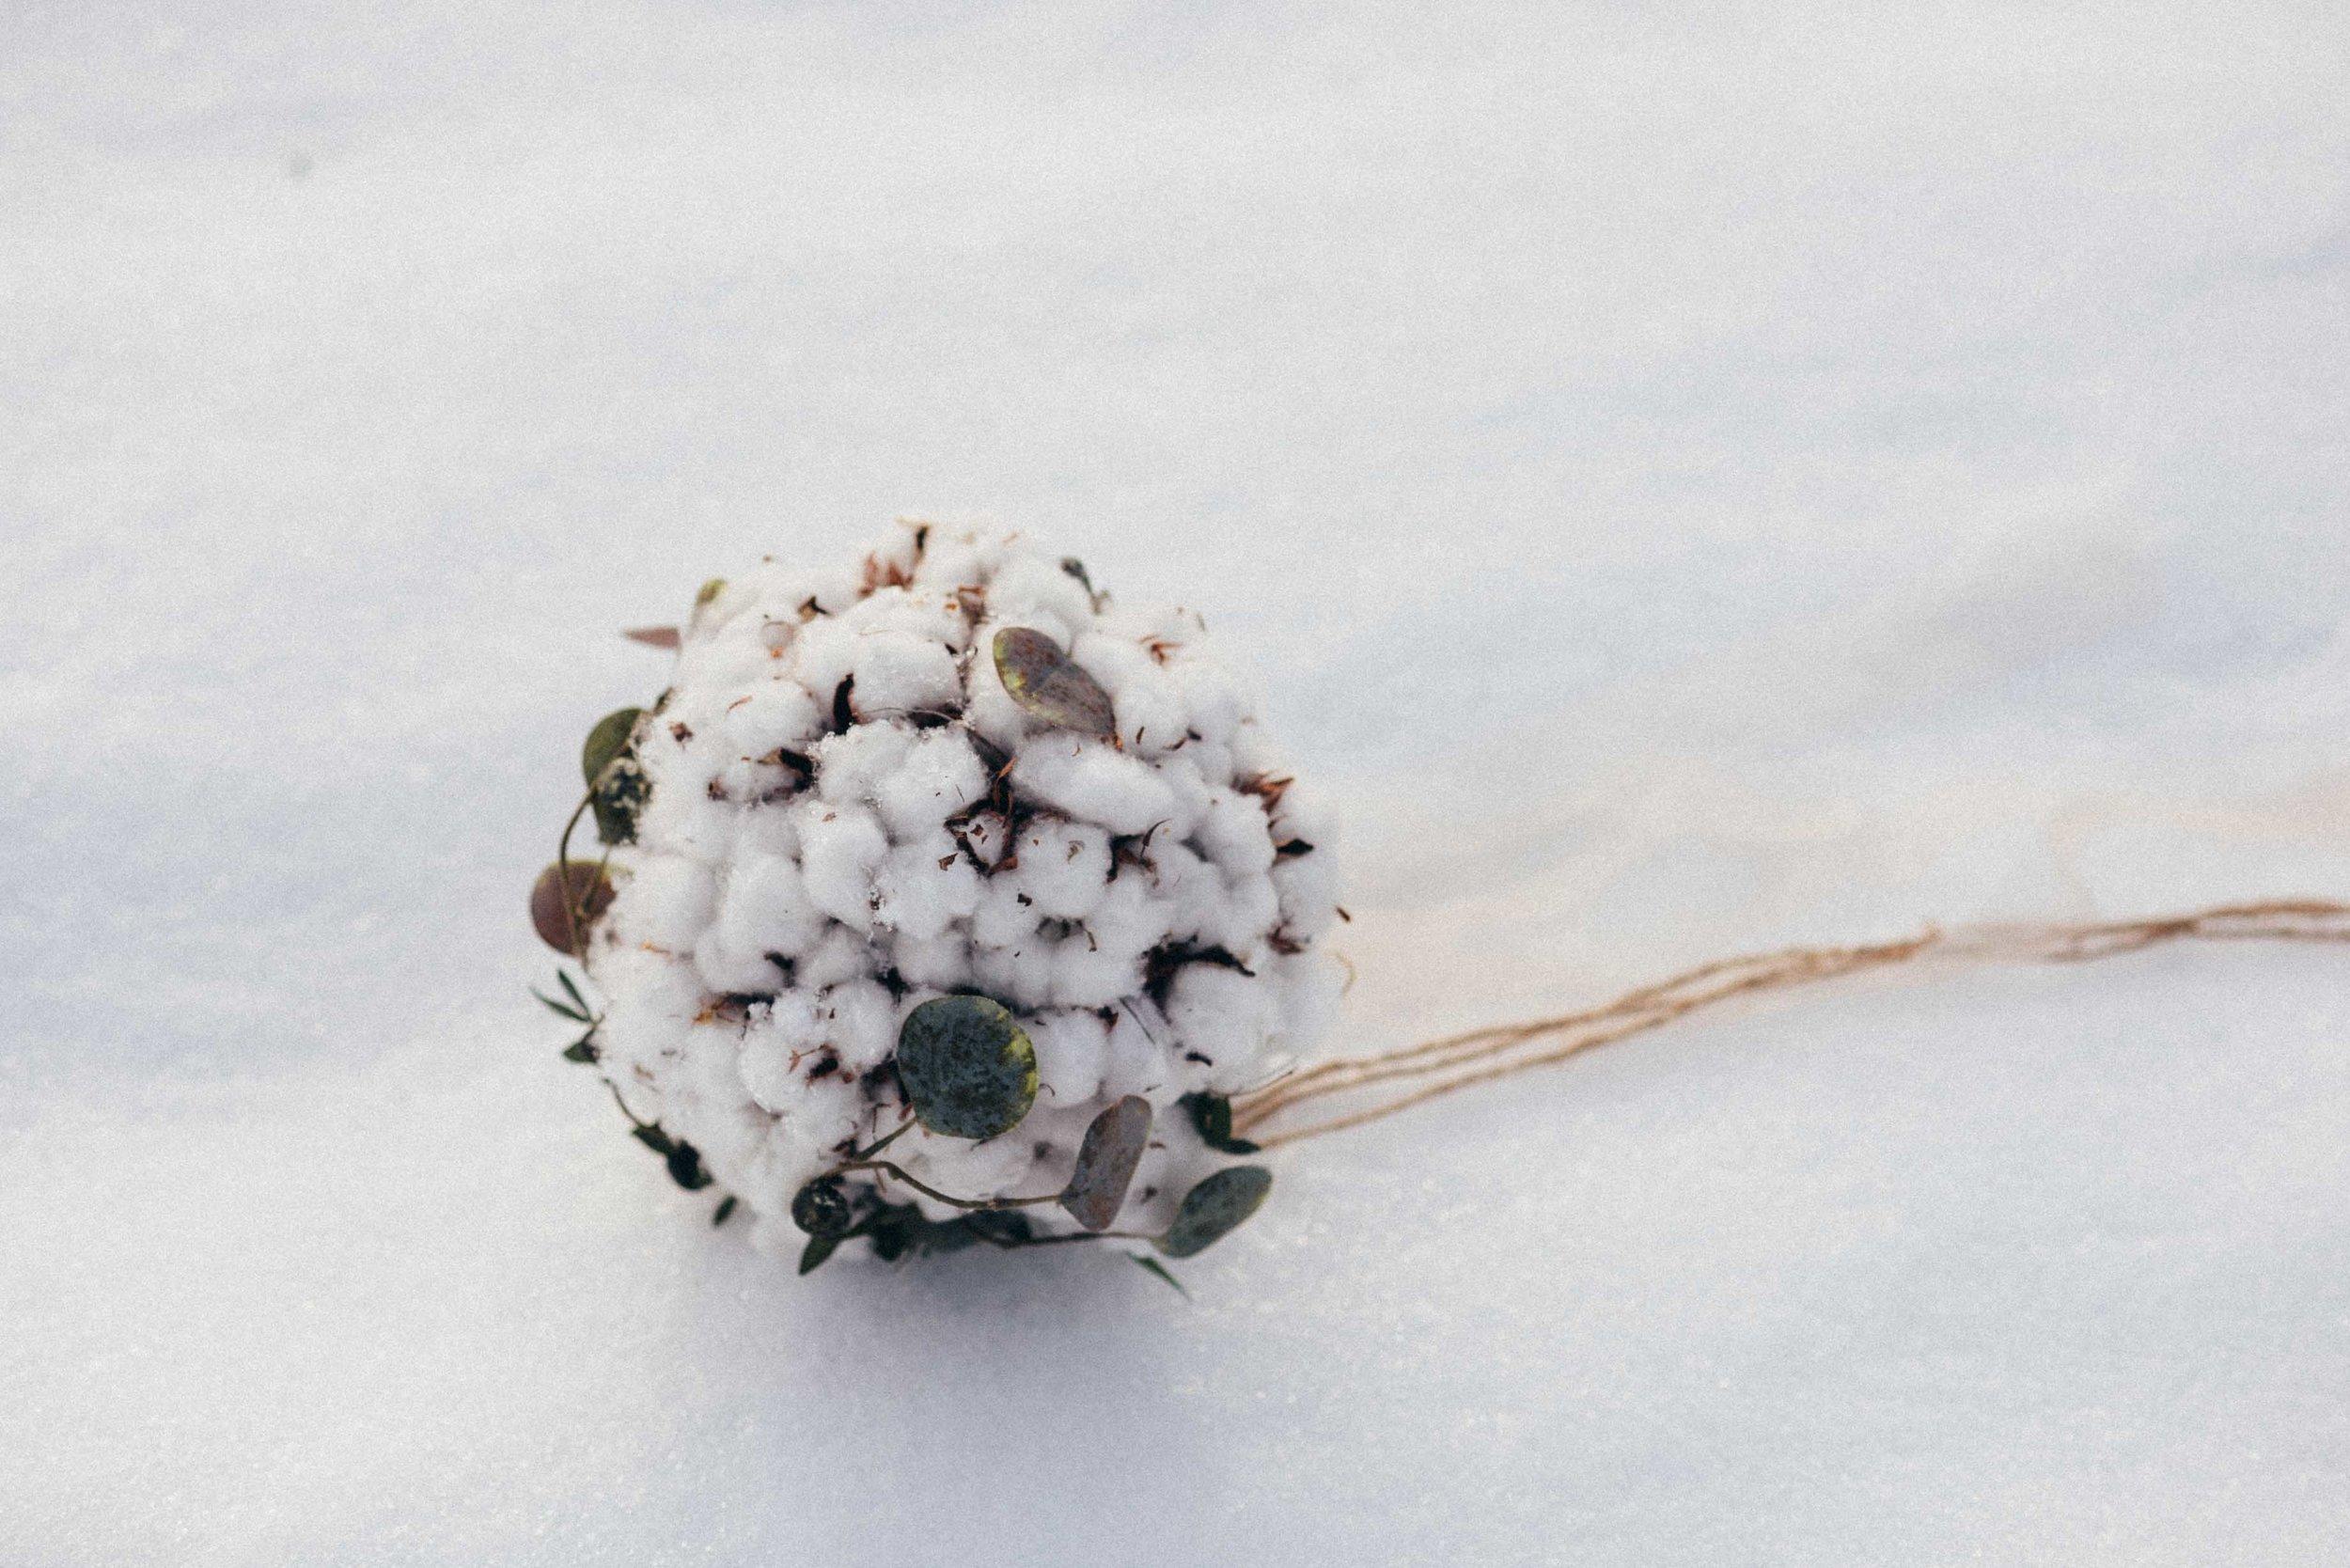 Snow Bride Winterhochzeit Schnne Braut-2780.jpg